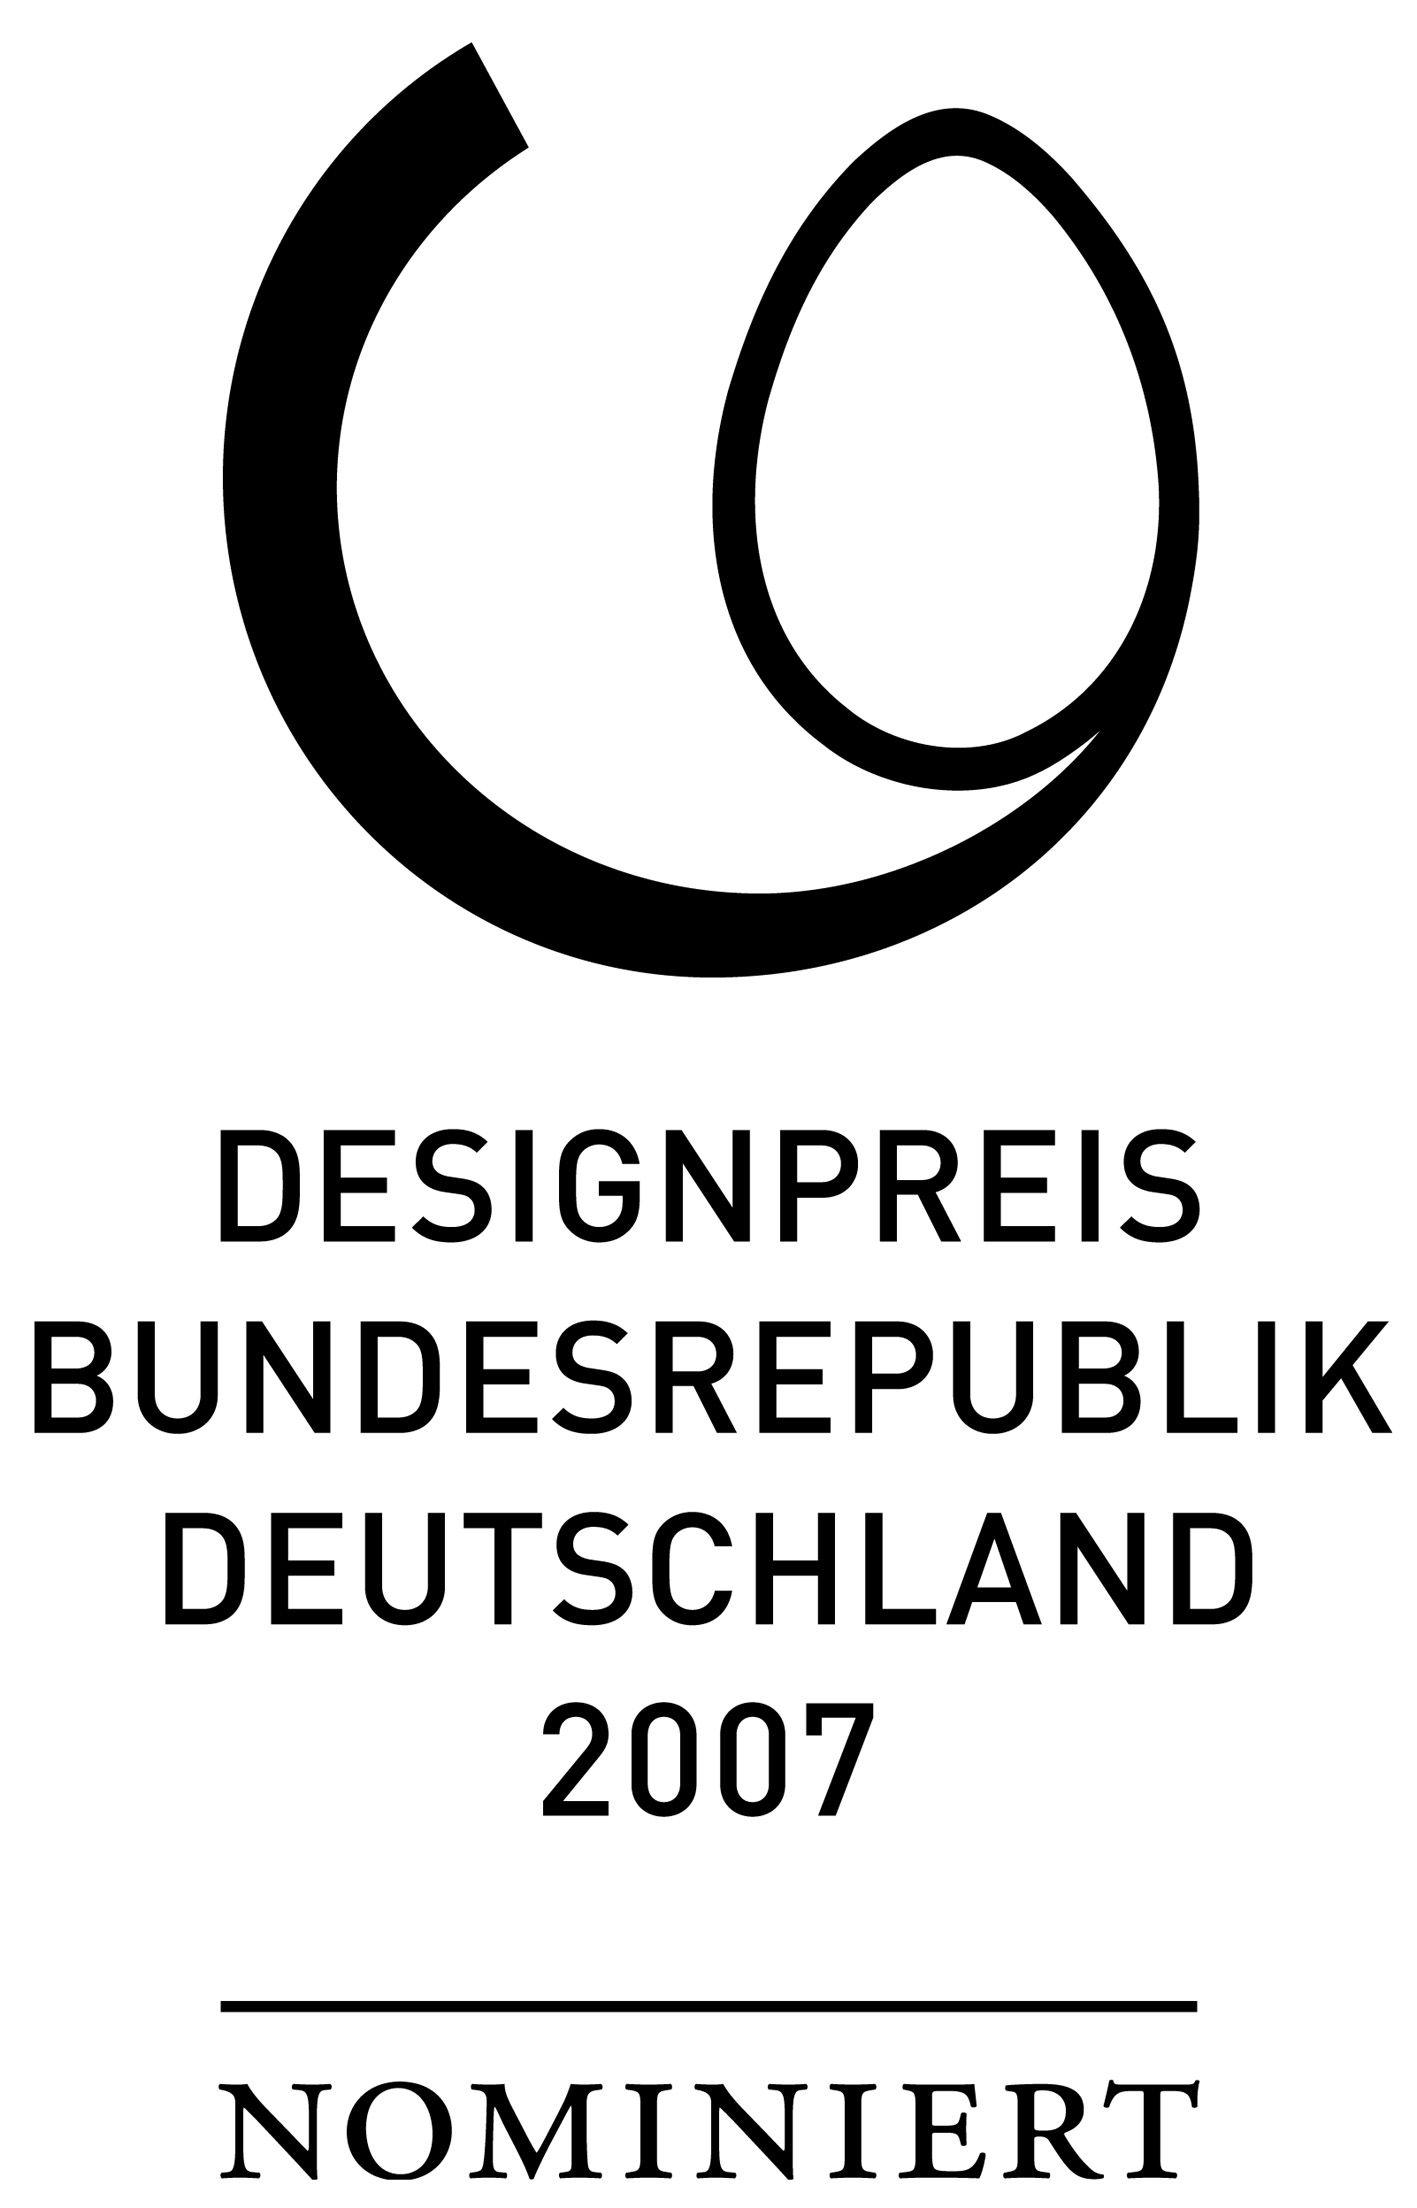 Designpreis Bundesrepublik Deutschland